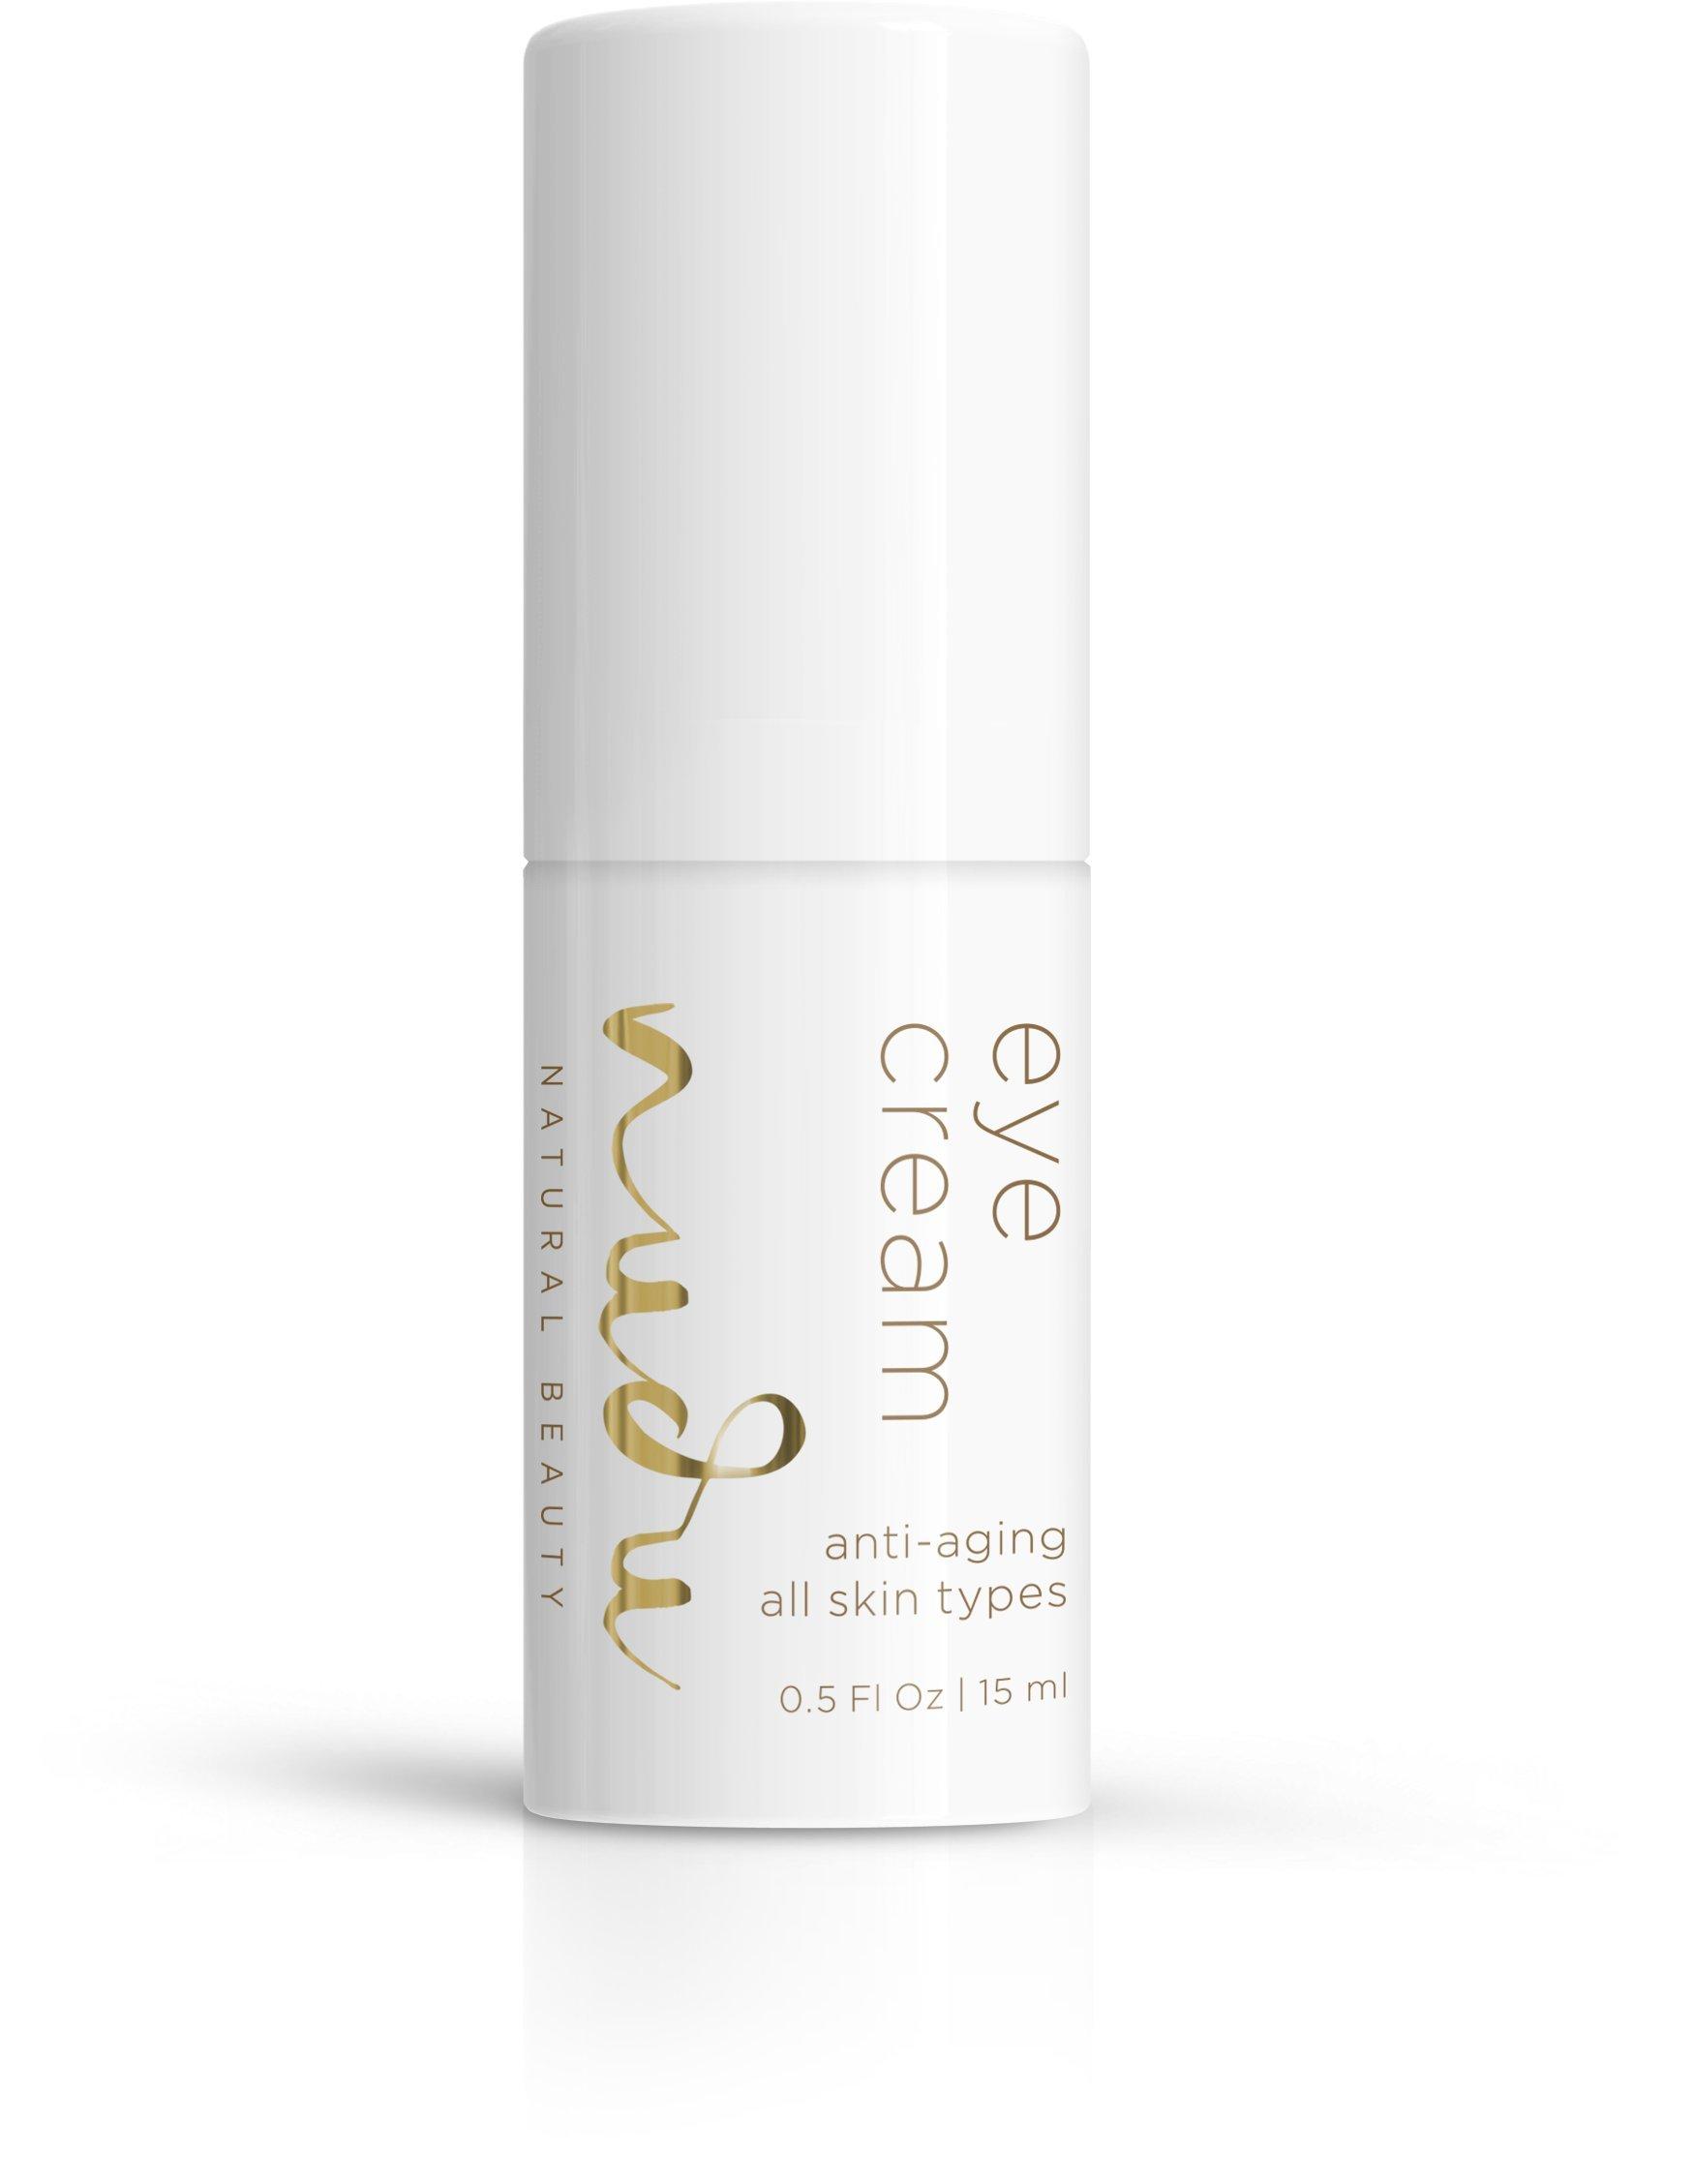 Nudu Eye Cream - Anti-Aging For All Skin Types (0.5 fl oz / 15 ml)